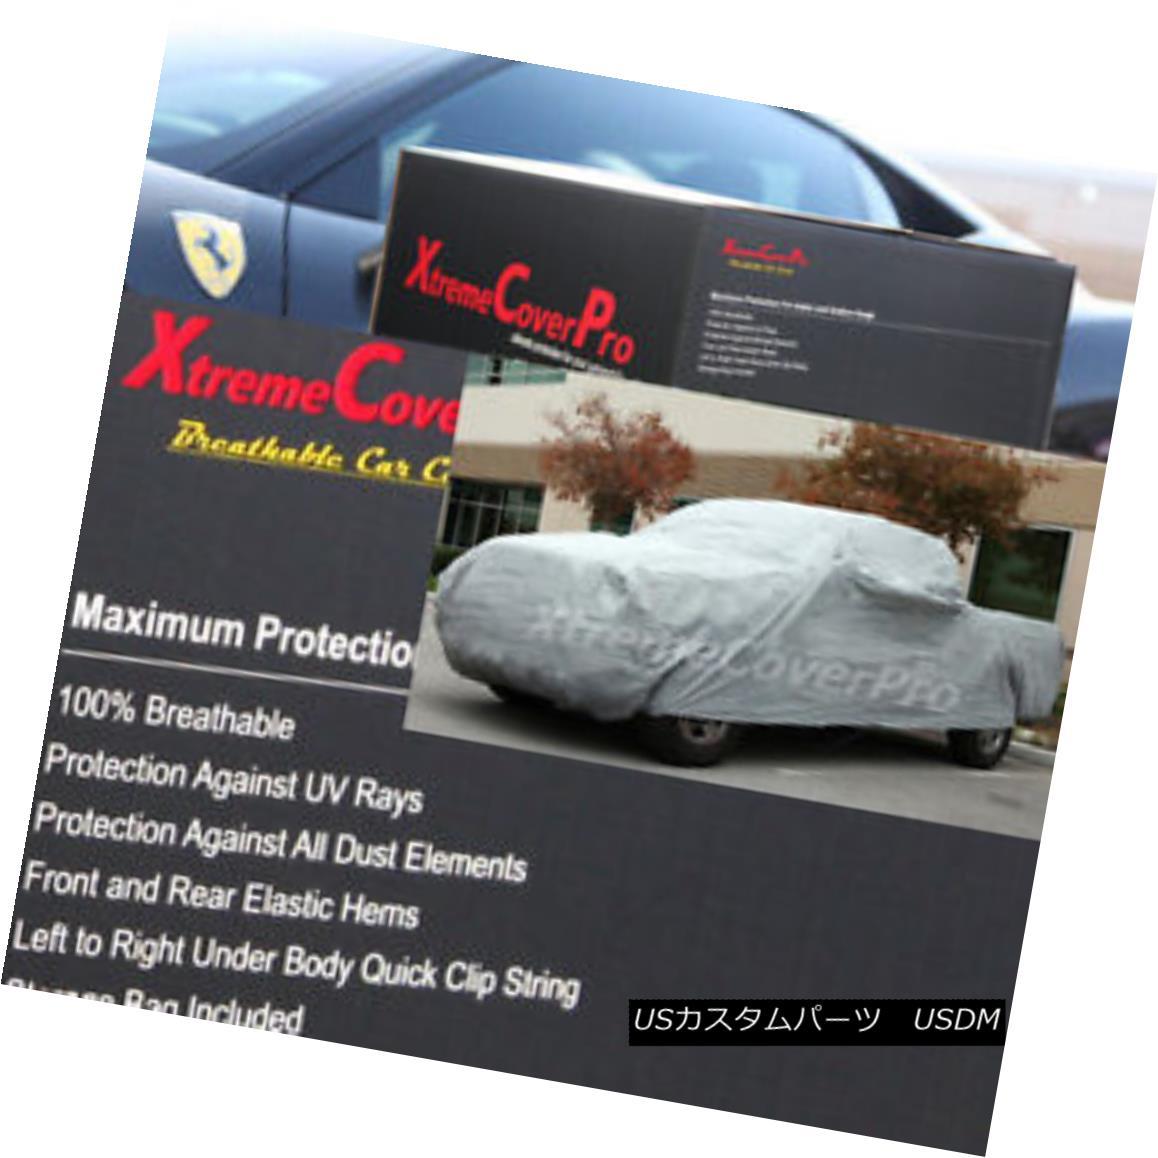 カーカバー 2011 2012 GMC Sierra 2500HD Ext Cab 6.5ft Bed Breathable Truck Cover 2011年2012 GMC Sierra 2500HDエクステンションキャブ6.5ftベッド通気性トラックカバー